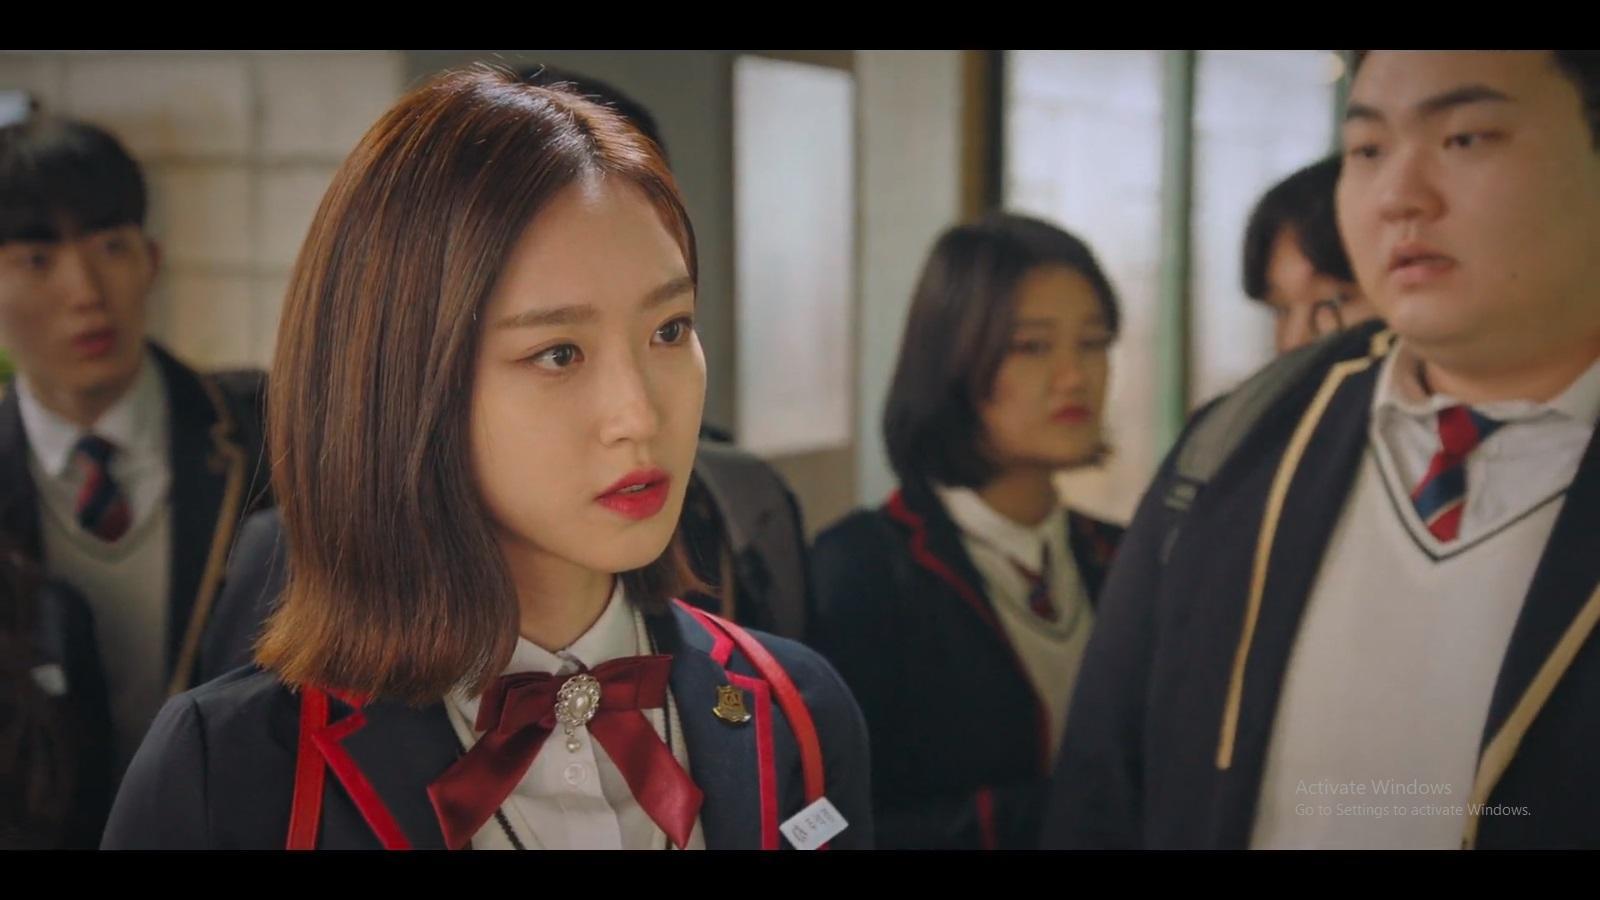 Joo Seok Kyung dijadikan pelaku tunggal tindak kekerasan di sekolah oleh Cheon Seo Jin.